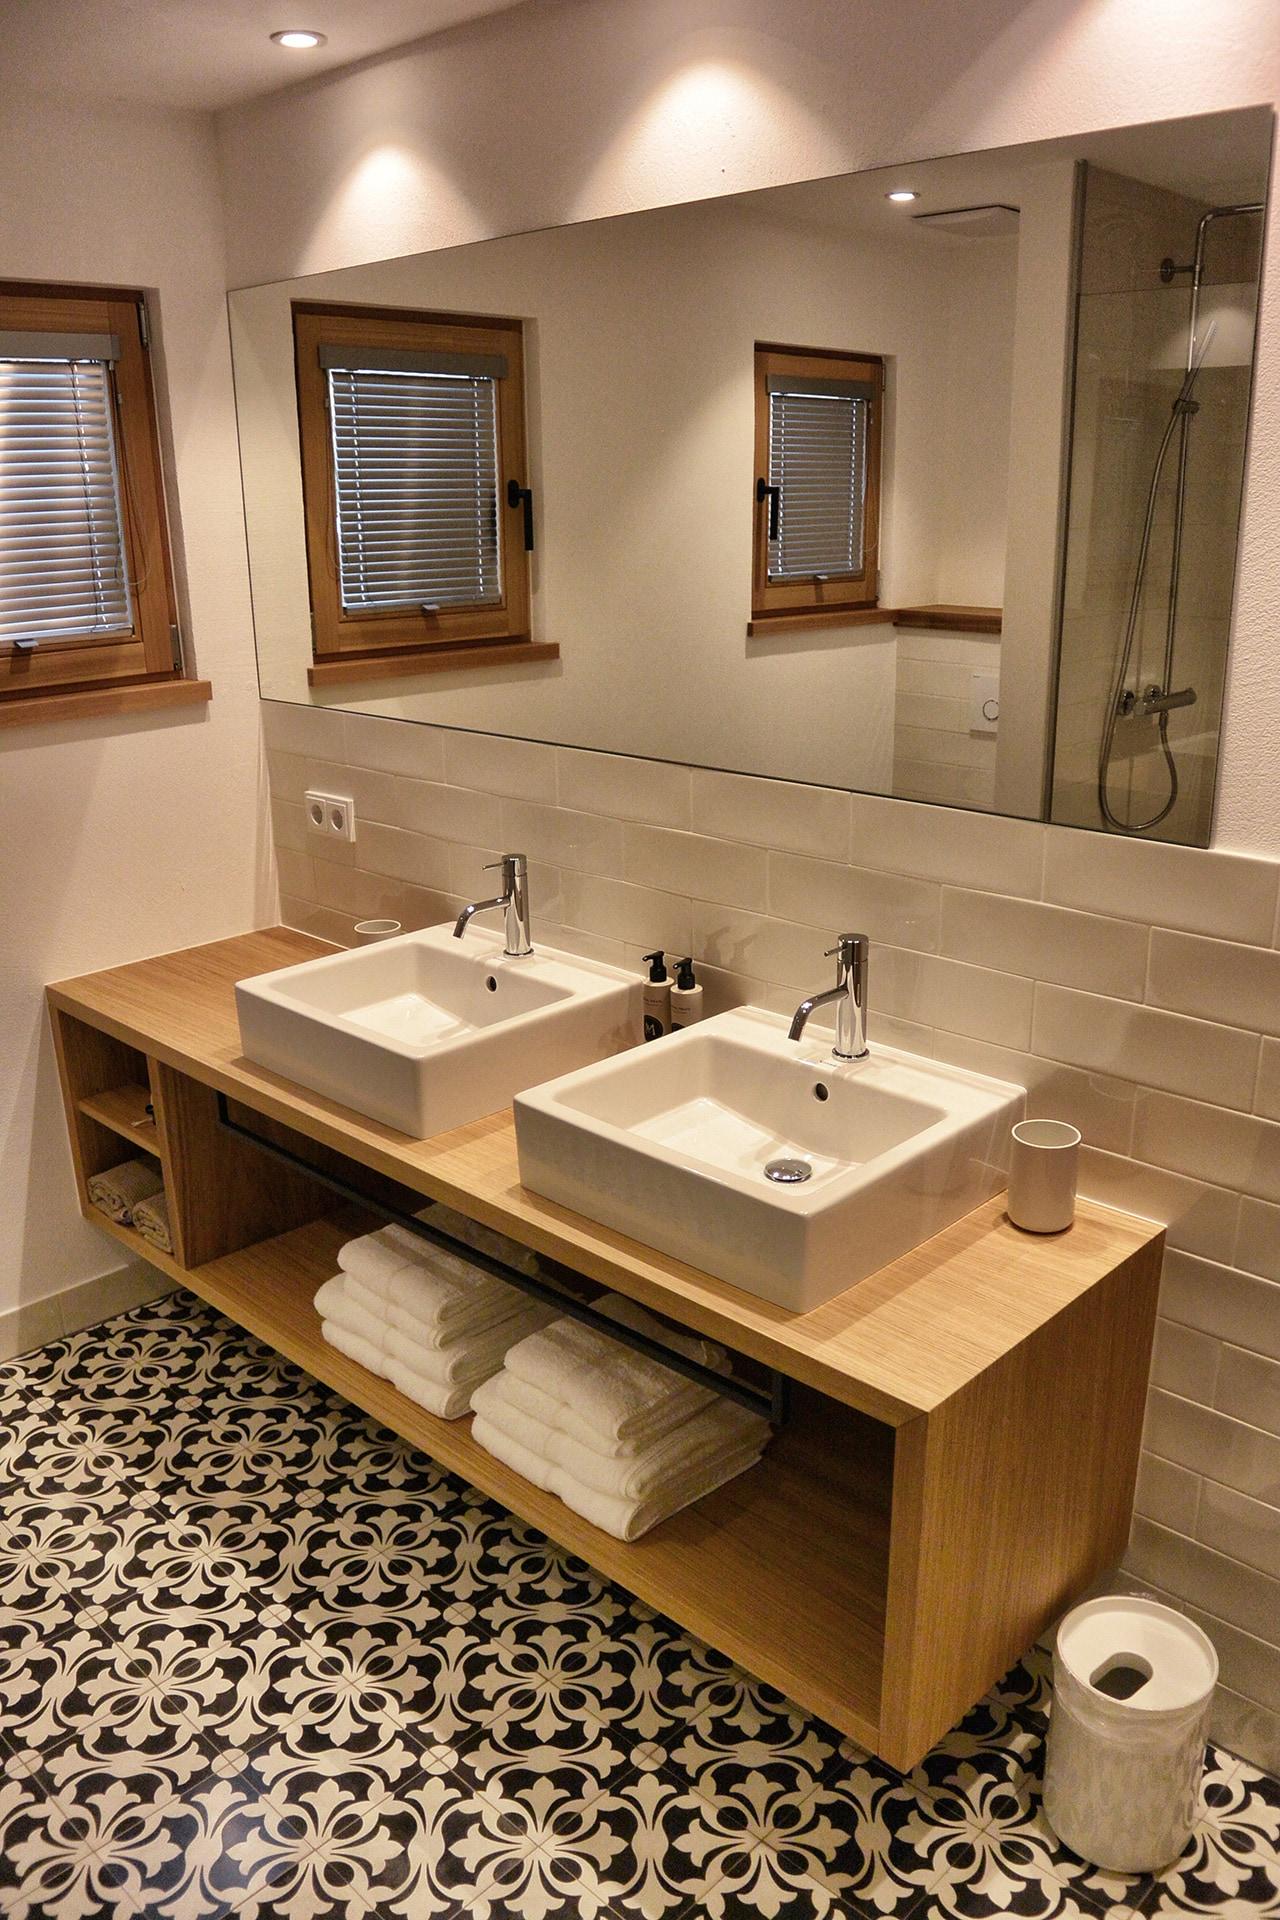 VIA Zementfliese N° 14260 am Waschbecken mit großem Spiegel